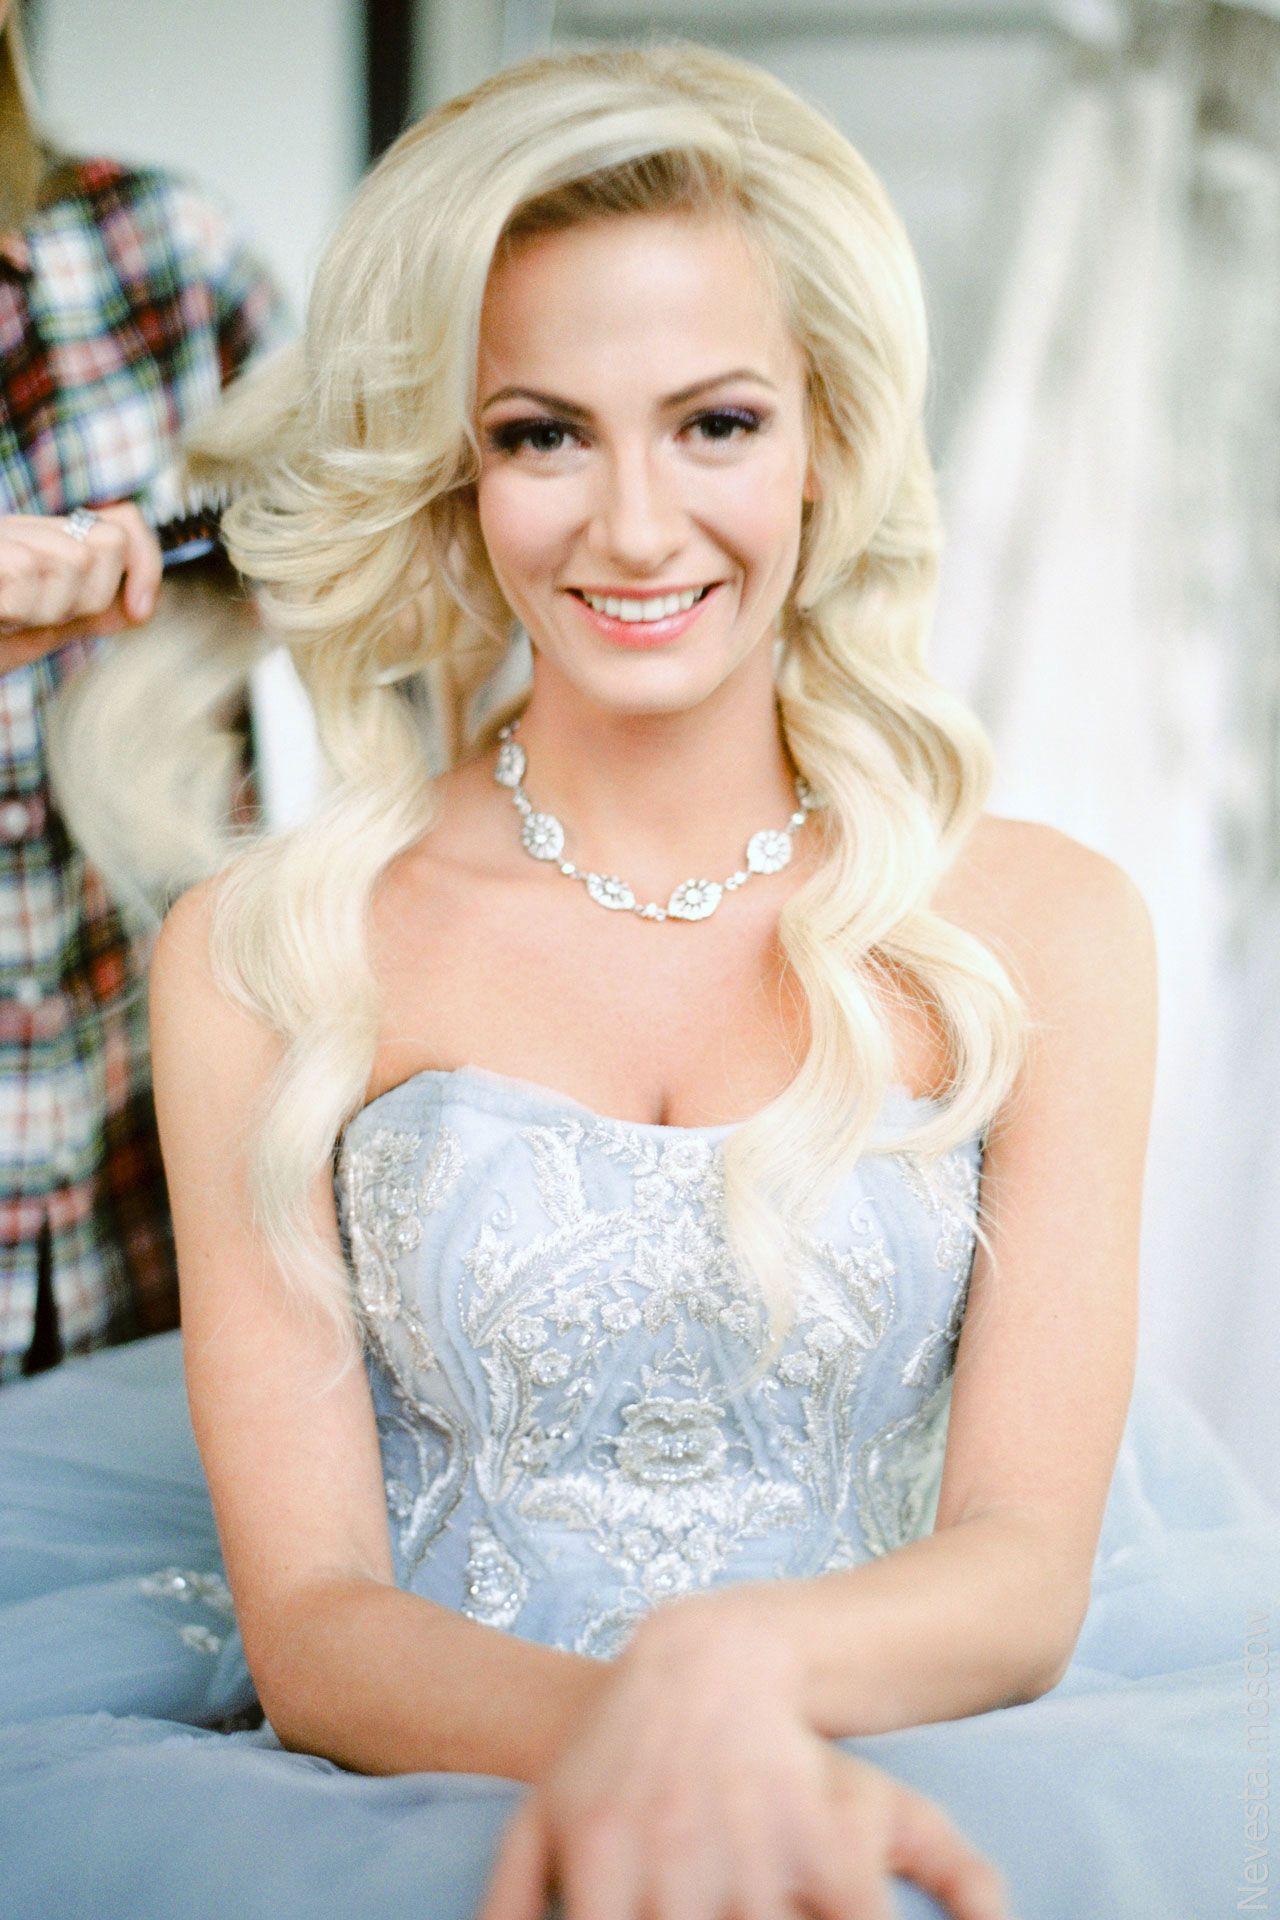 Главная героиня сериала «Деффчонки» в образе невесты от-кутюр фото 3